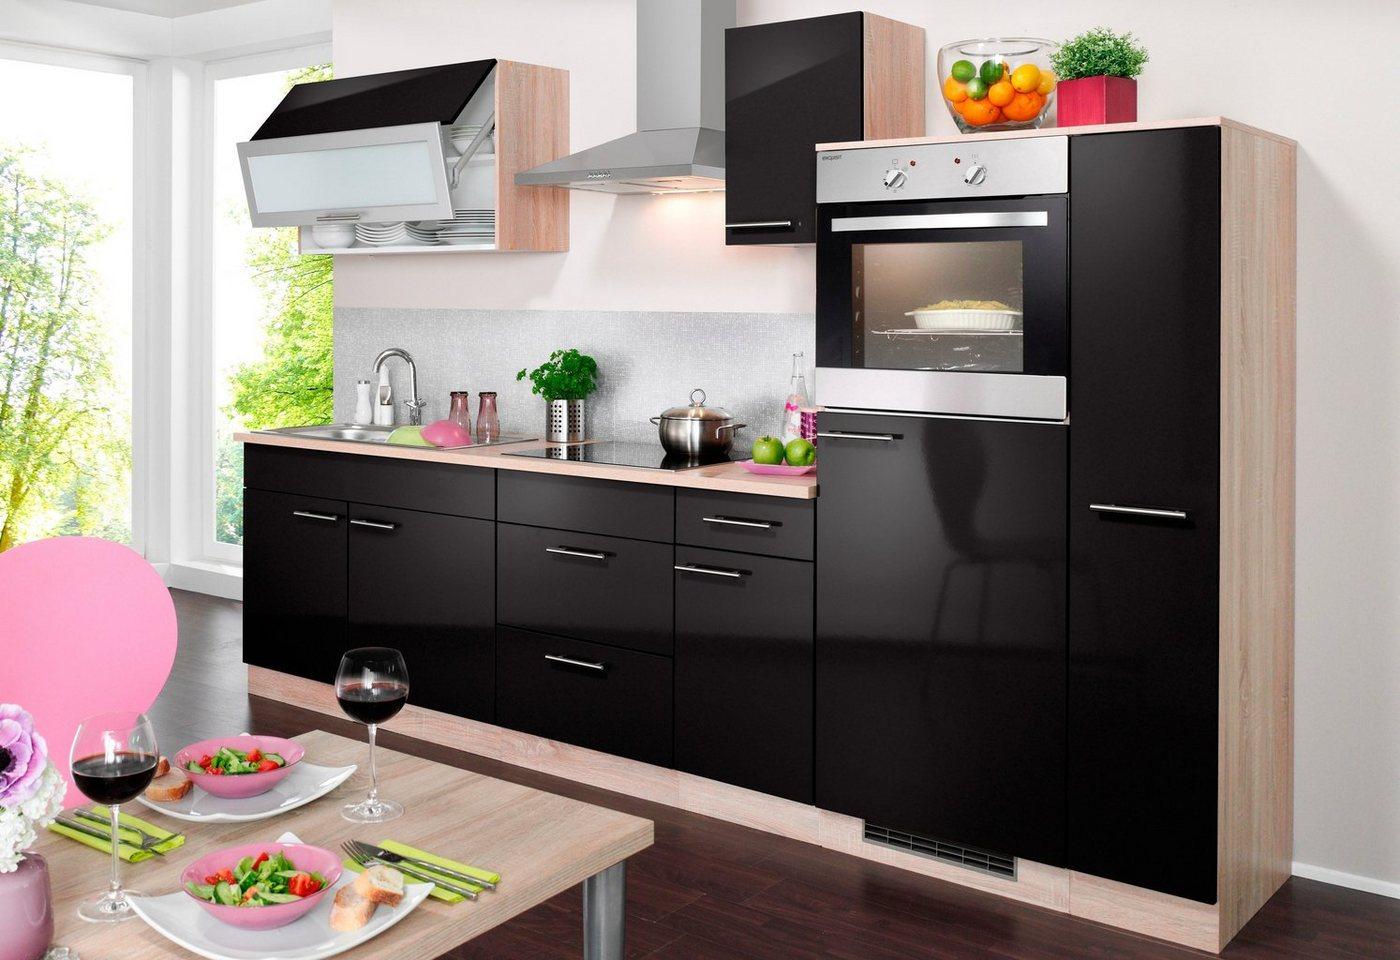 Wiho Küchen Küchenzeile mit E-Geräten »Montana Glanz, Breite 290 cm«